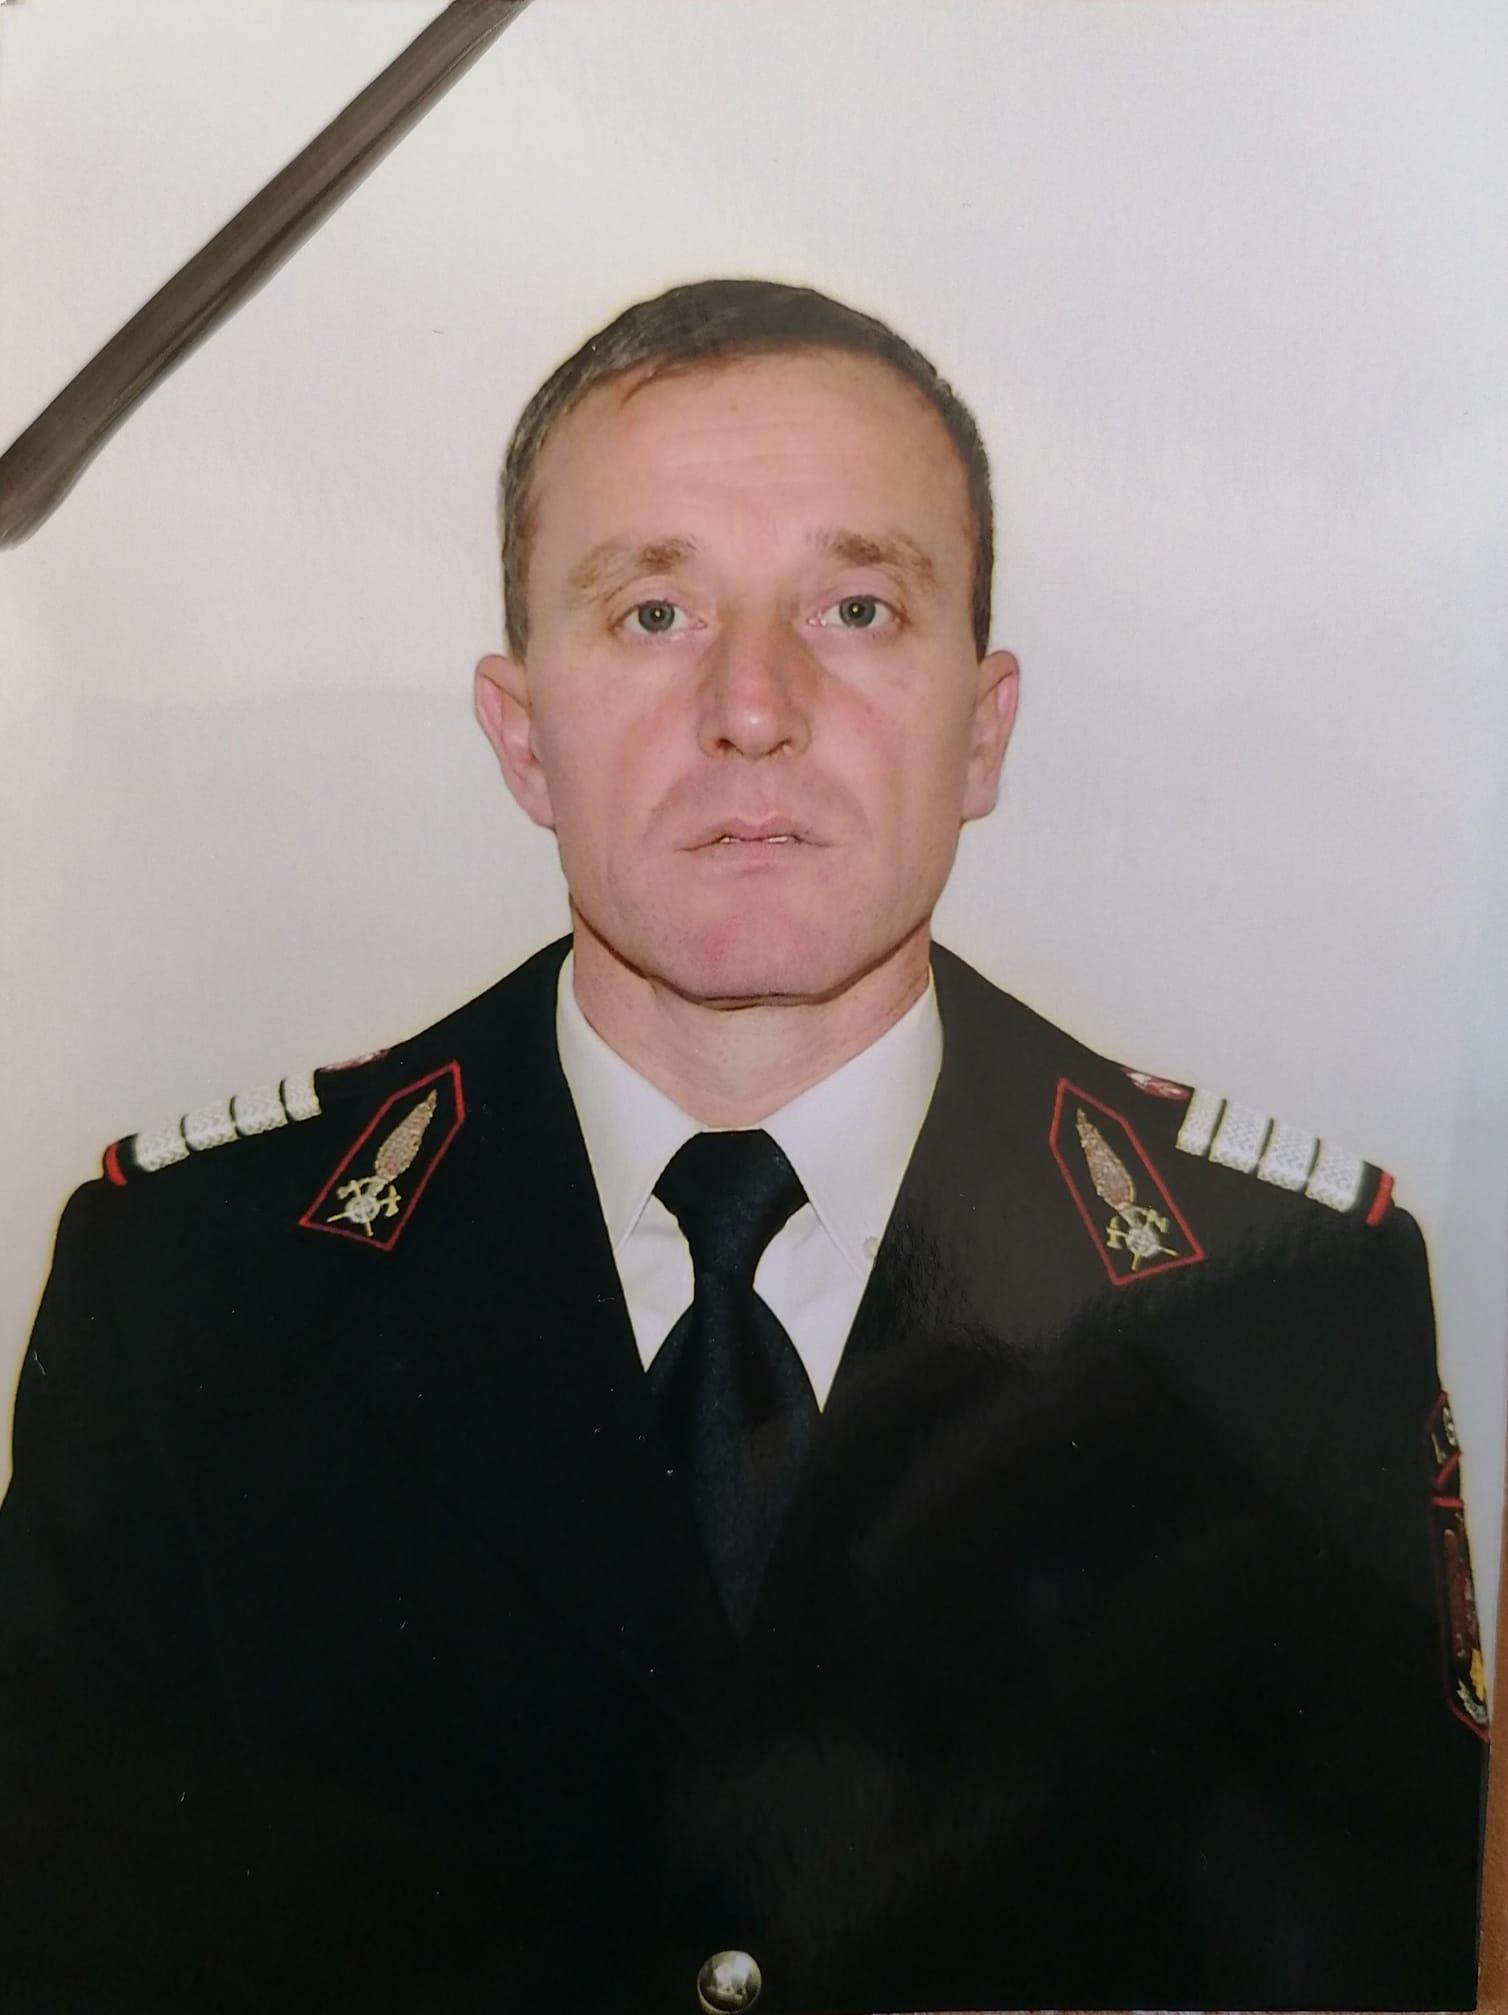 Doliu la ISU Sibiu. Plutonierul adjutant șef Pîngulescu Gheorghe lasă în urmă o soție și doi copii